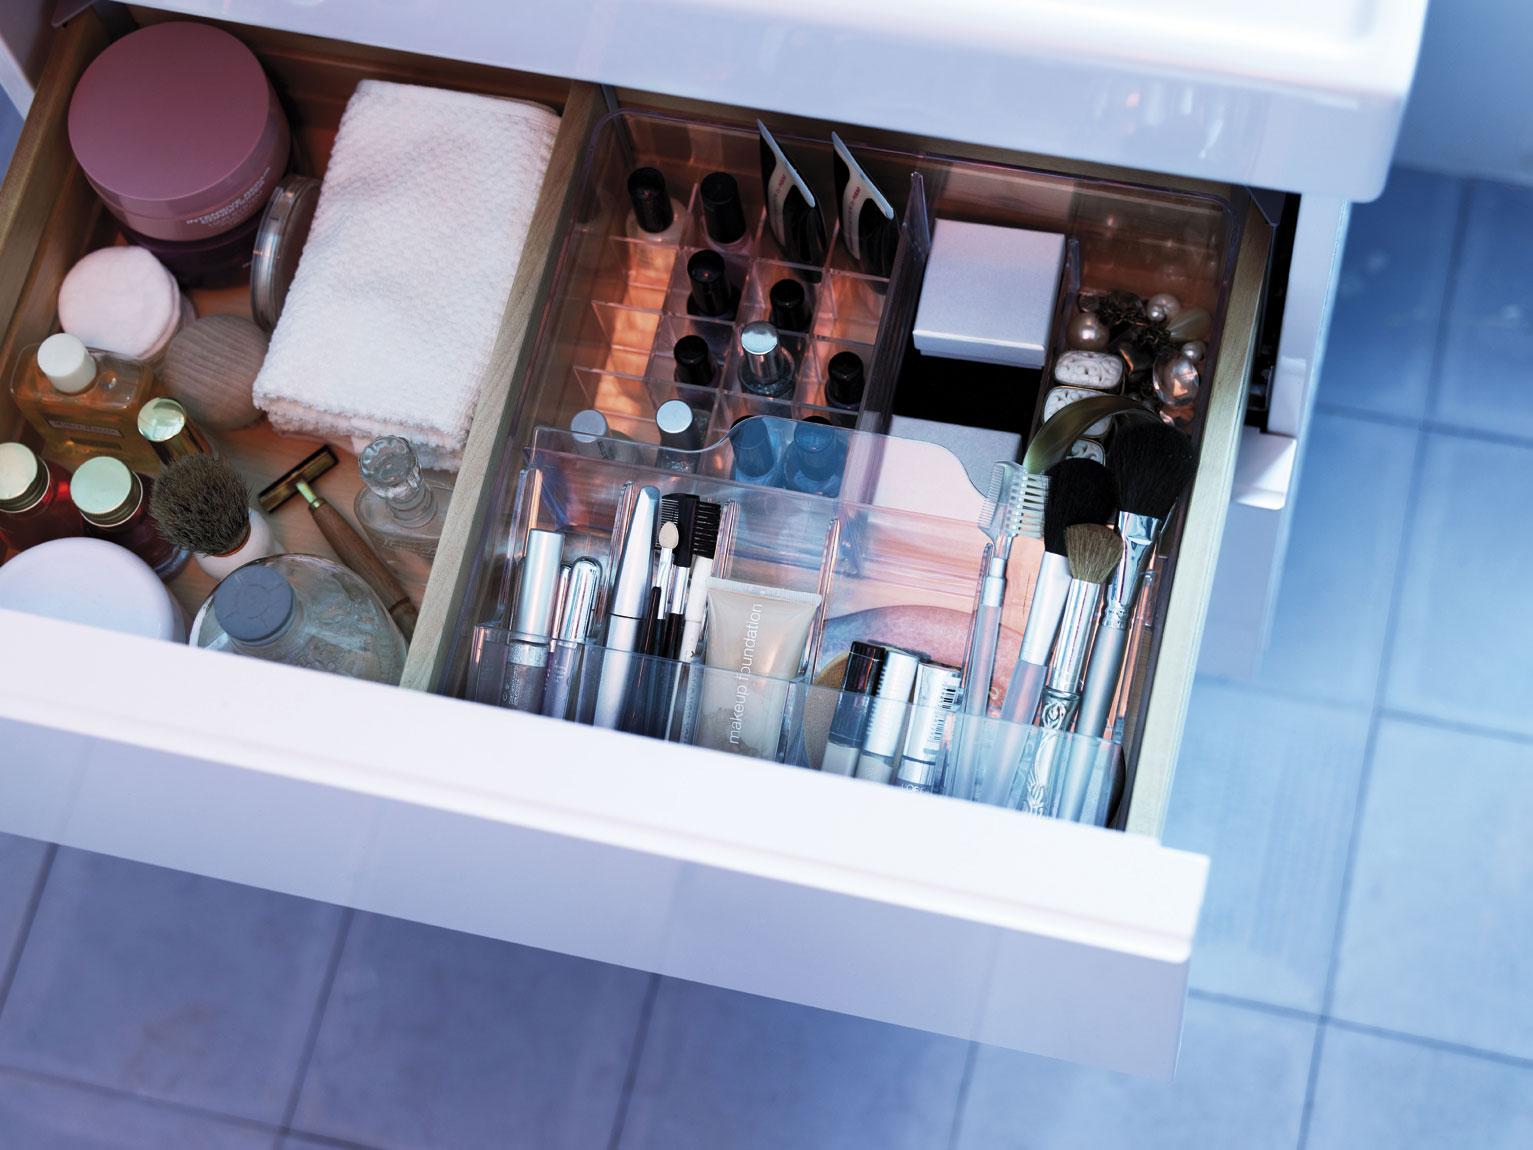 Novedades Ikea 2012: Baños. Imágenes de Ambientes con lo más nuevo ...